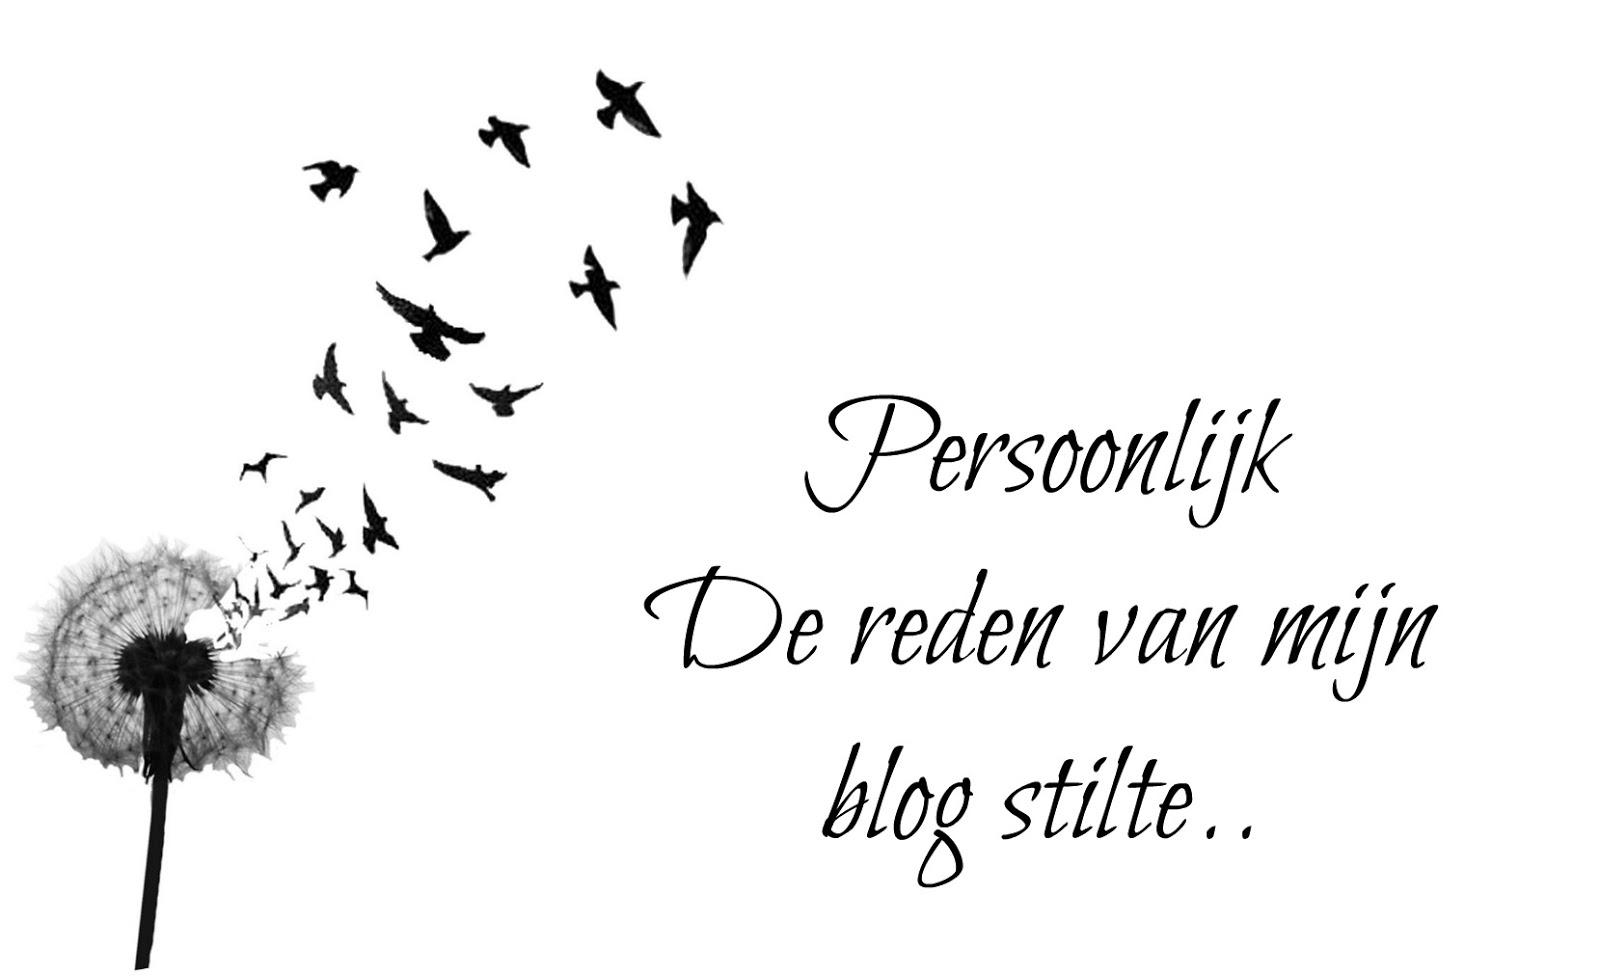 Sharmaine Sarina Persoonlijk De Reden Van Mijn Blog Stilte